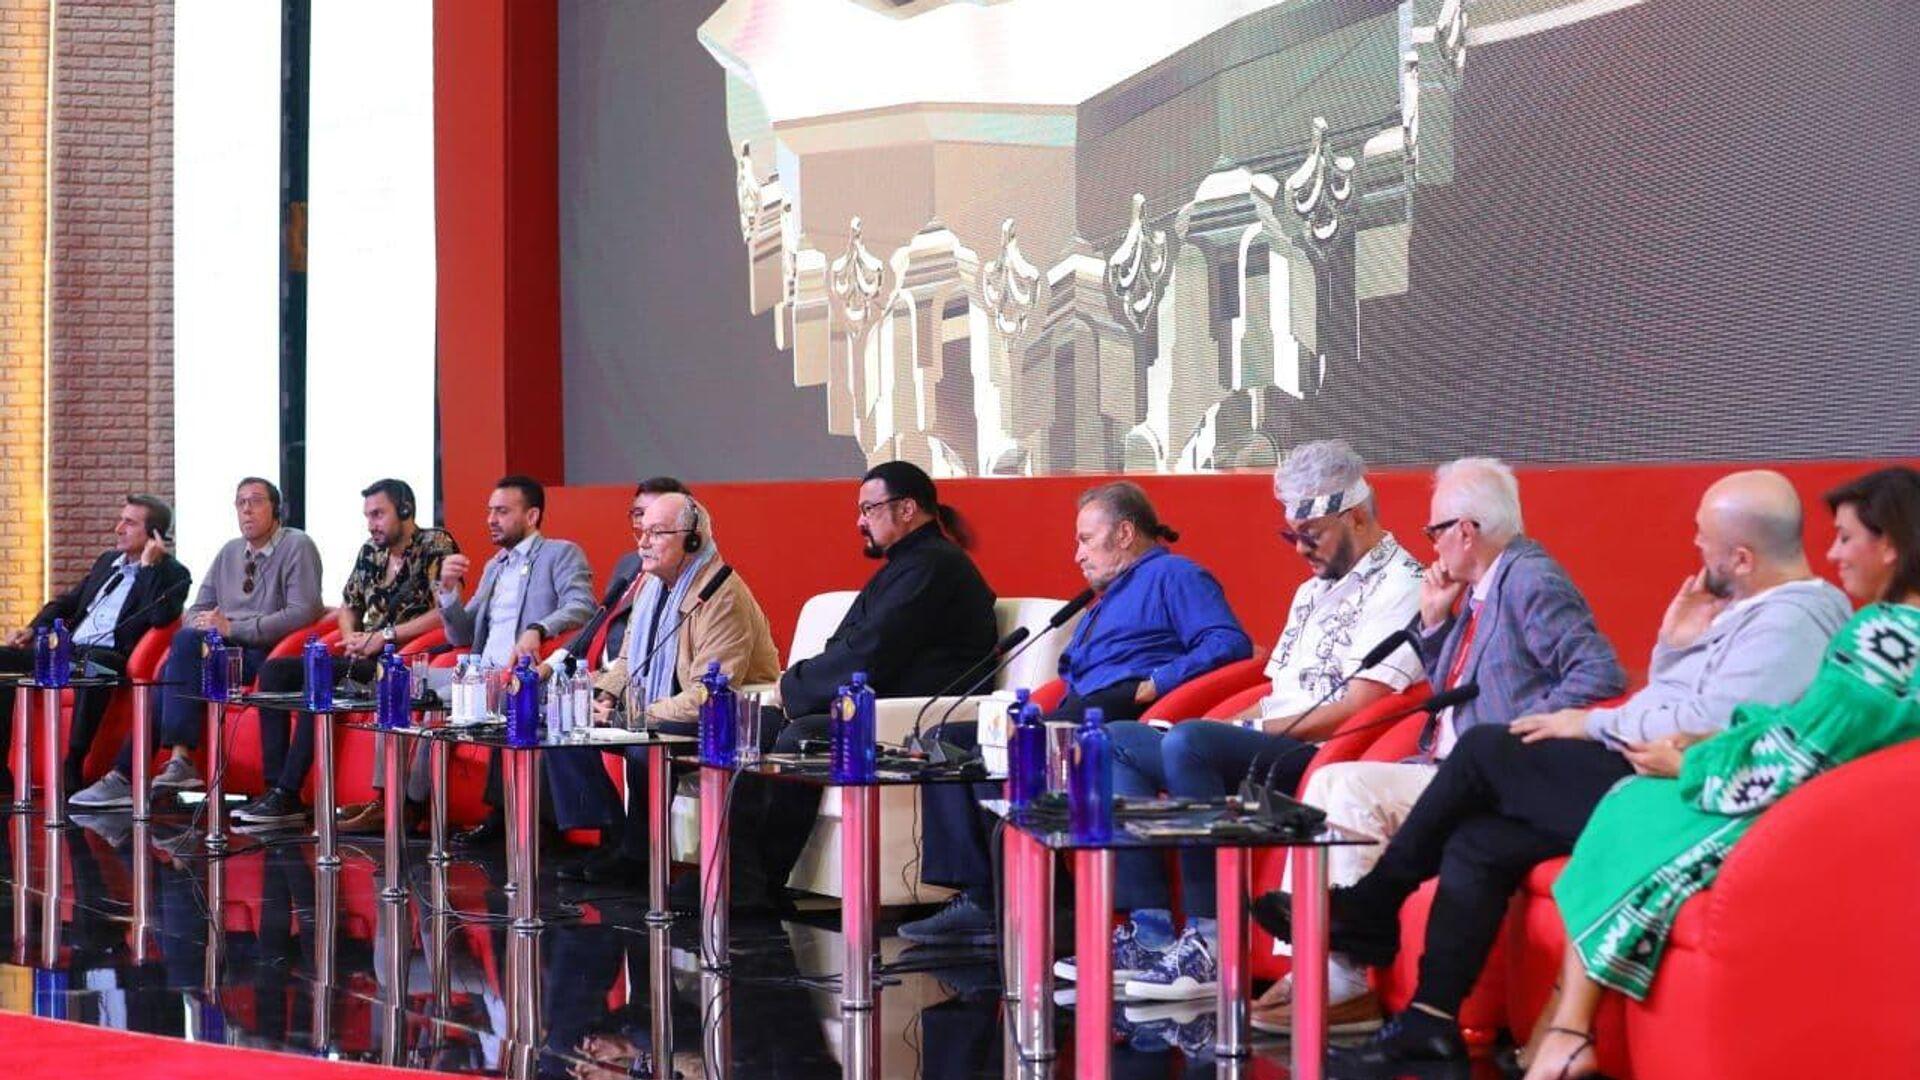 Дни российского кино пройдут в Узбекистане во время международного кинофестиваля - Sputnik Узбекистан, 1920, 29.09.2021